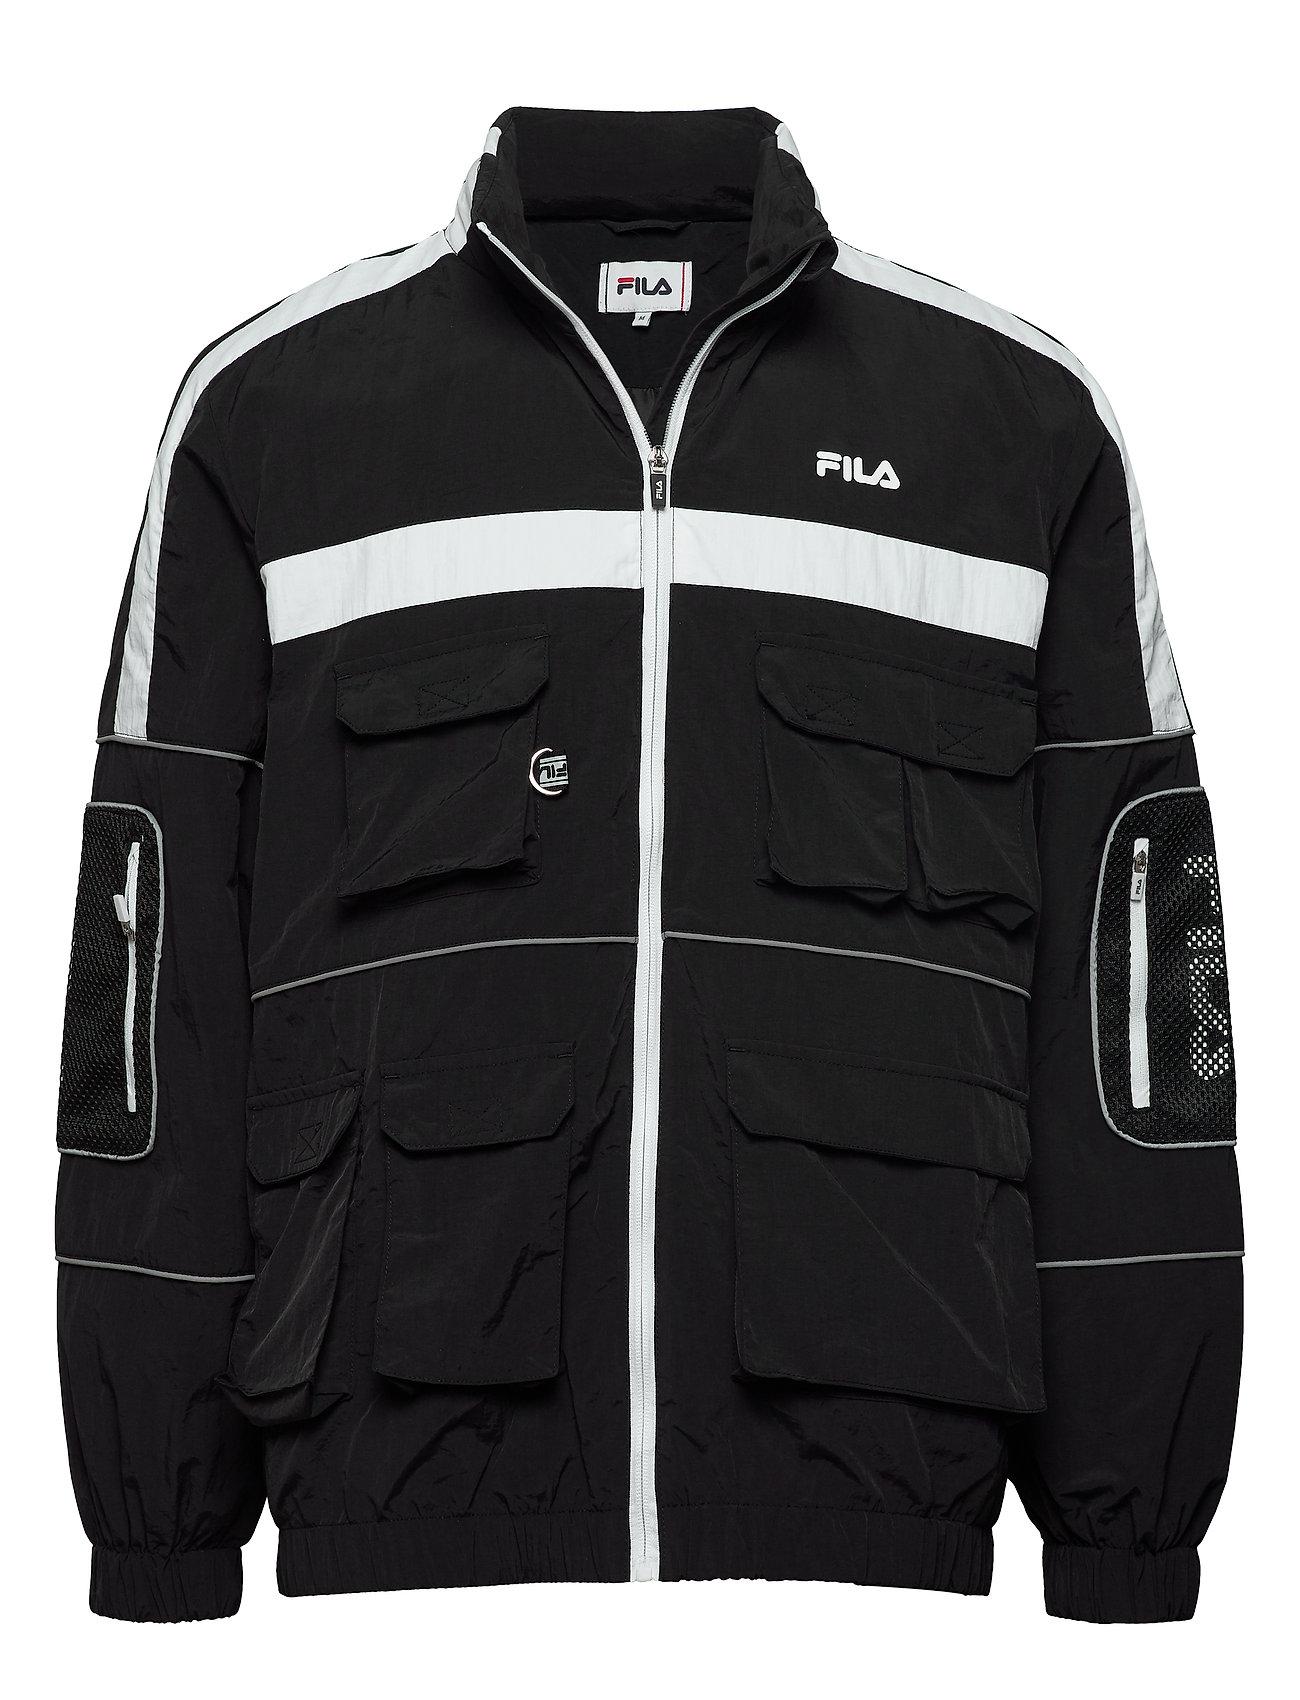 Image of Men Uba Wind Jacket Tynd Jakke Sort FILA (3362841565)